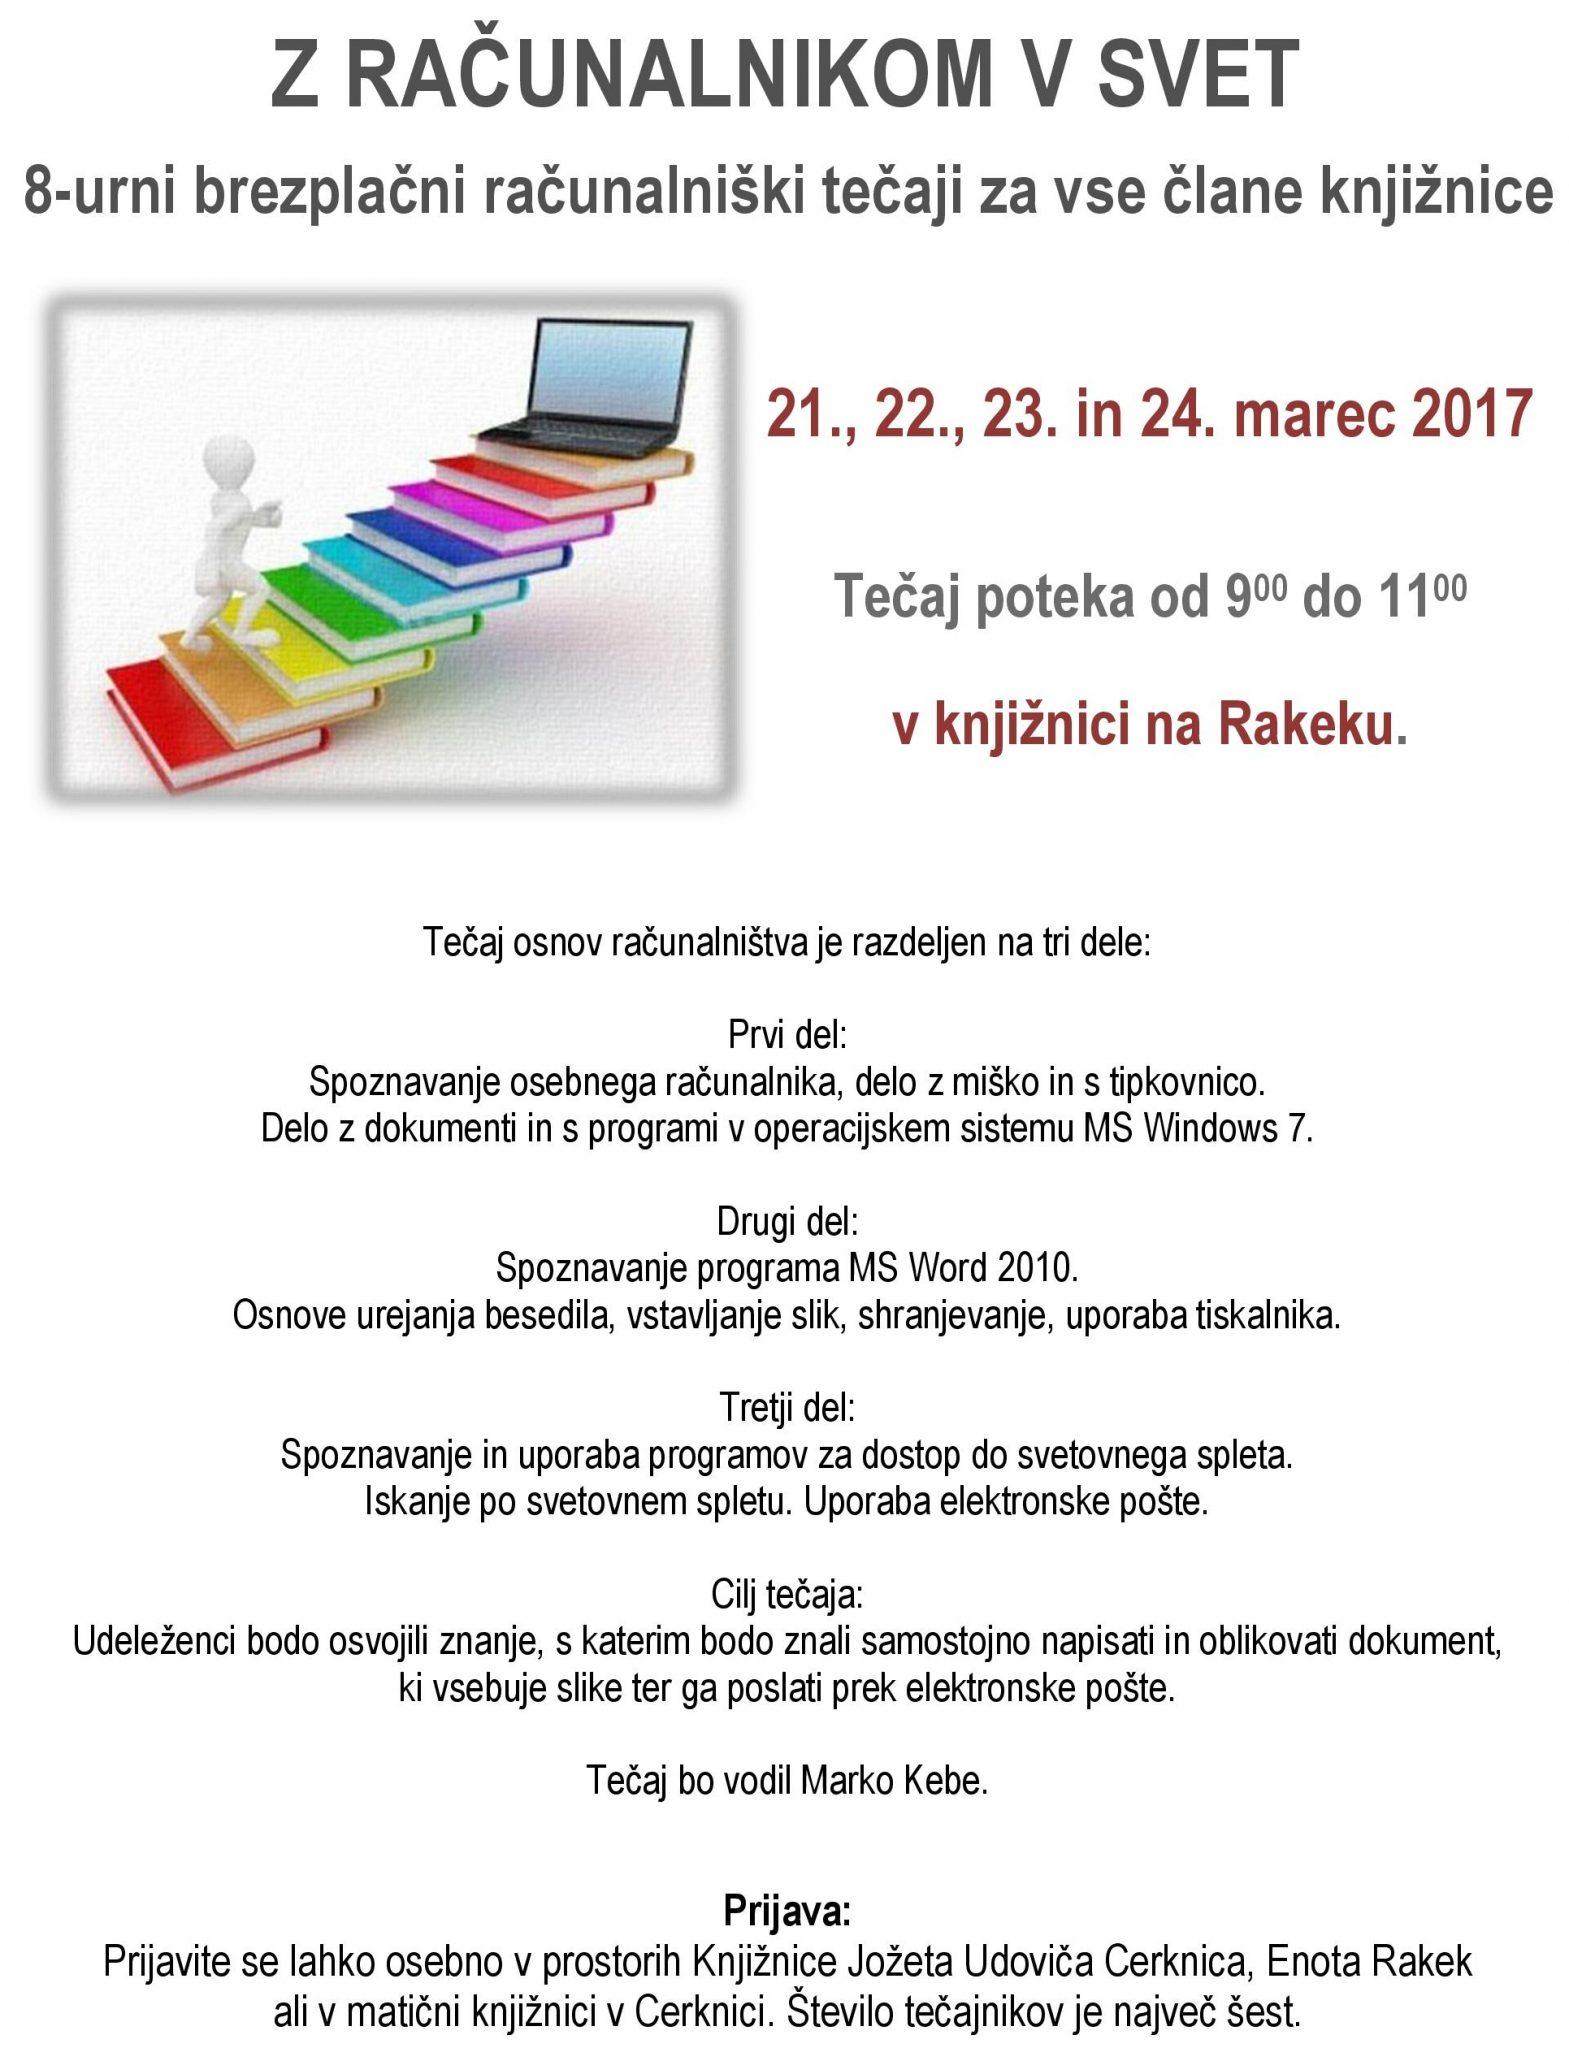 cover 4 - Z računalnikom v svet - 8-urni brezplačni računalniški tečaj za vse člane knjižnice